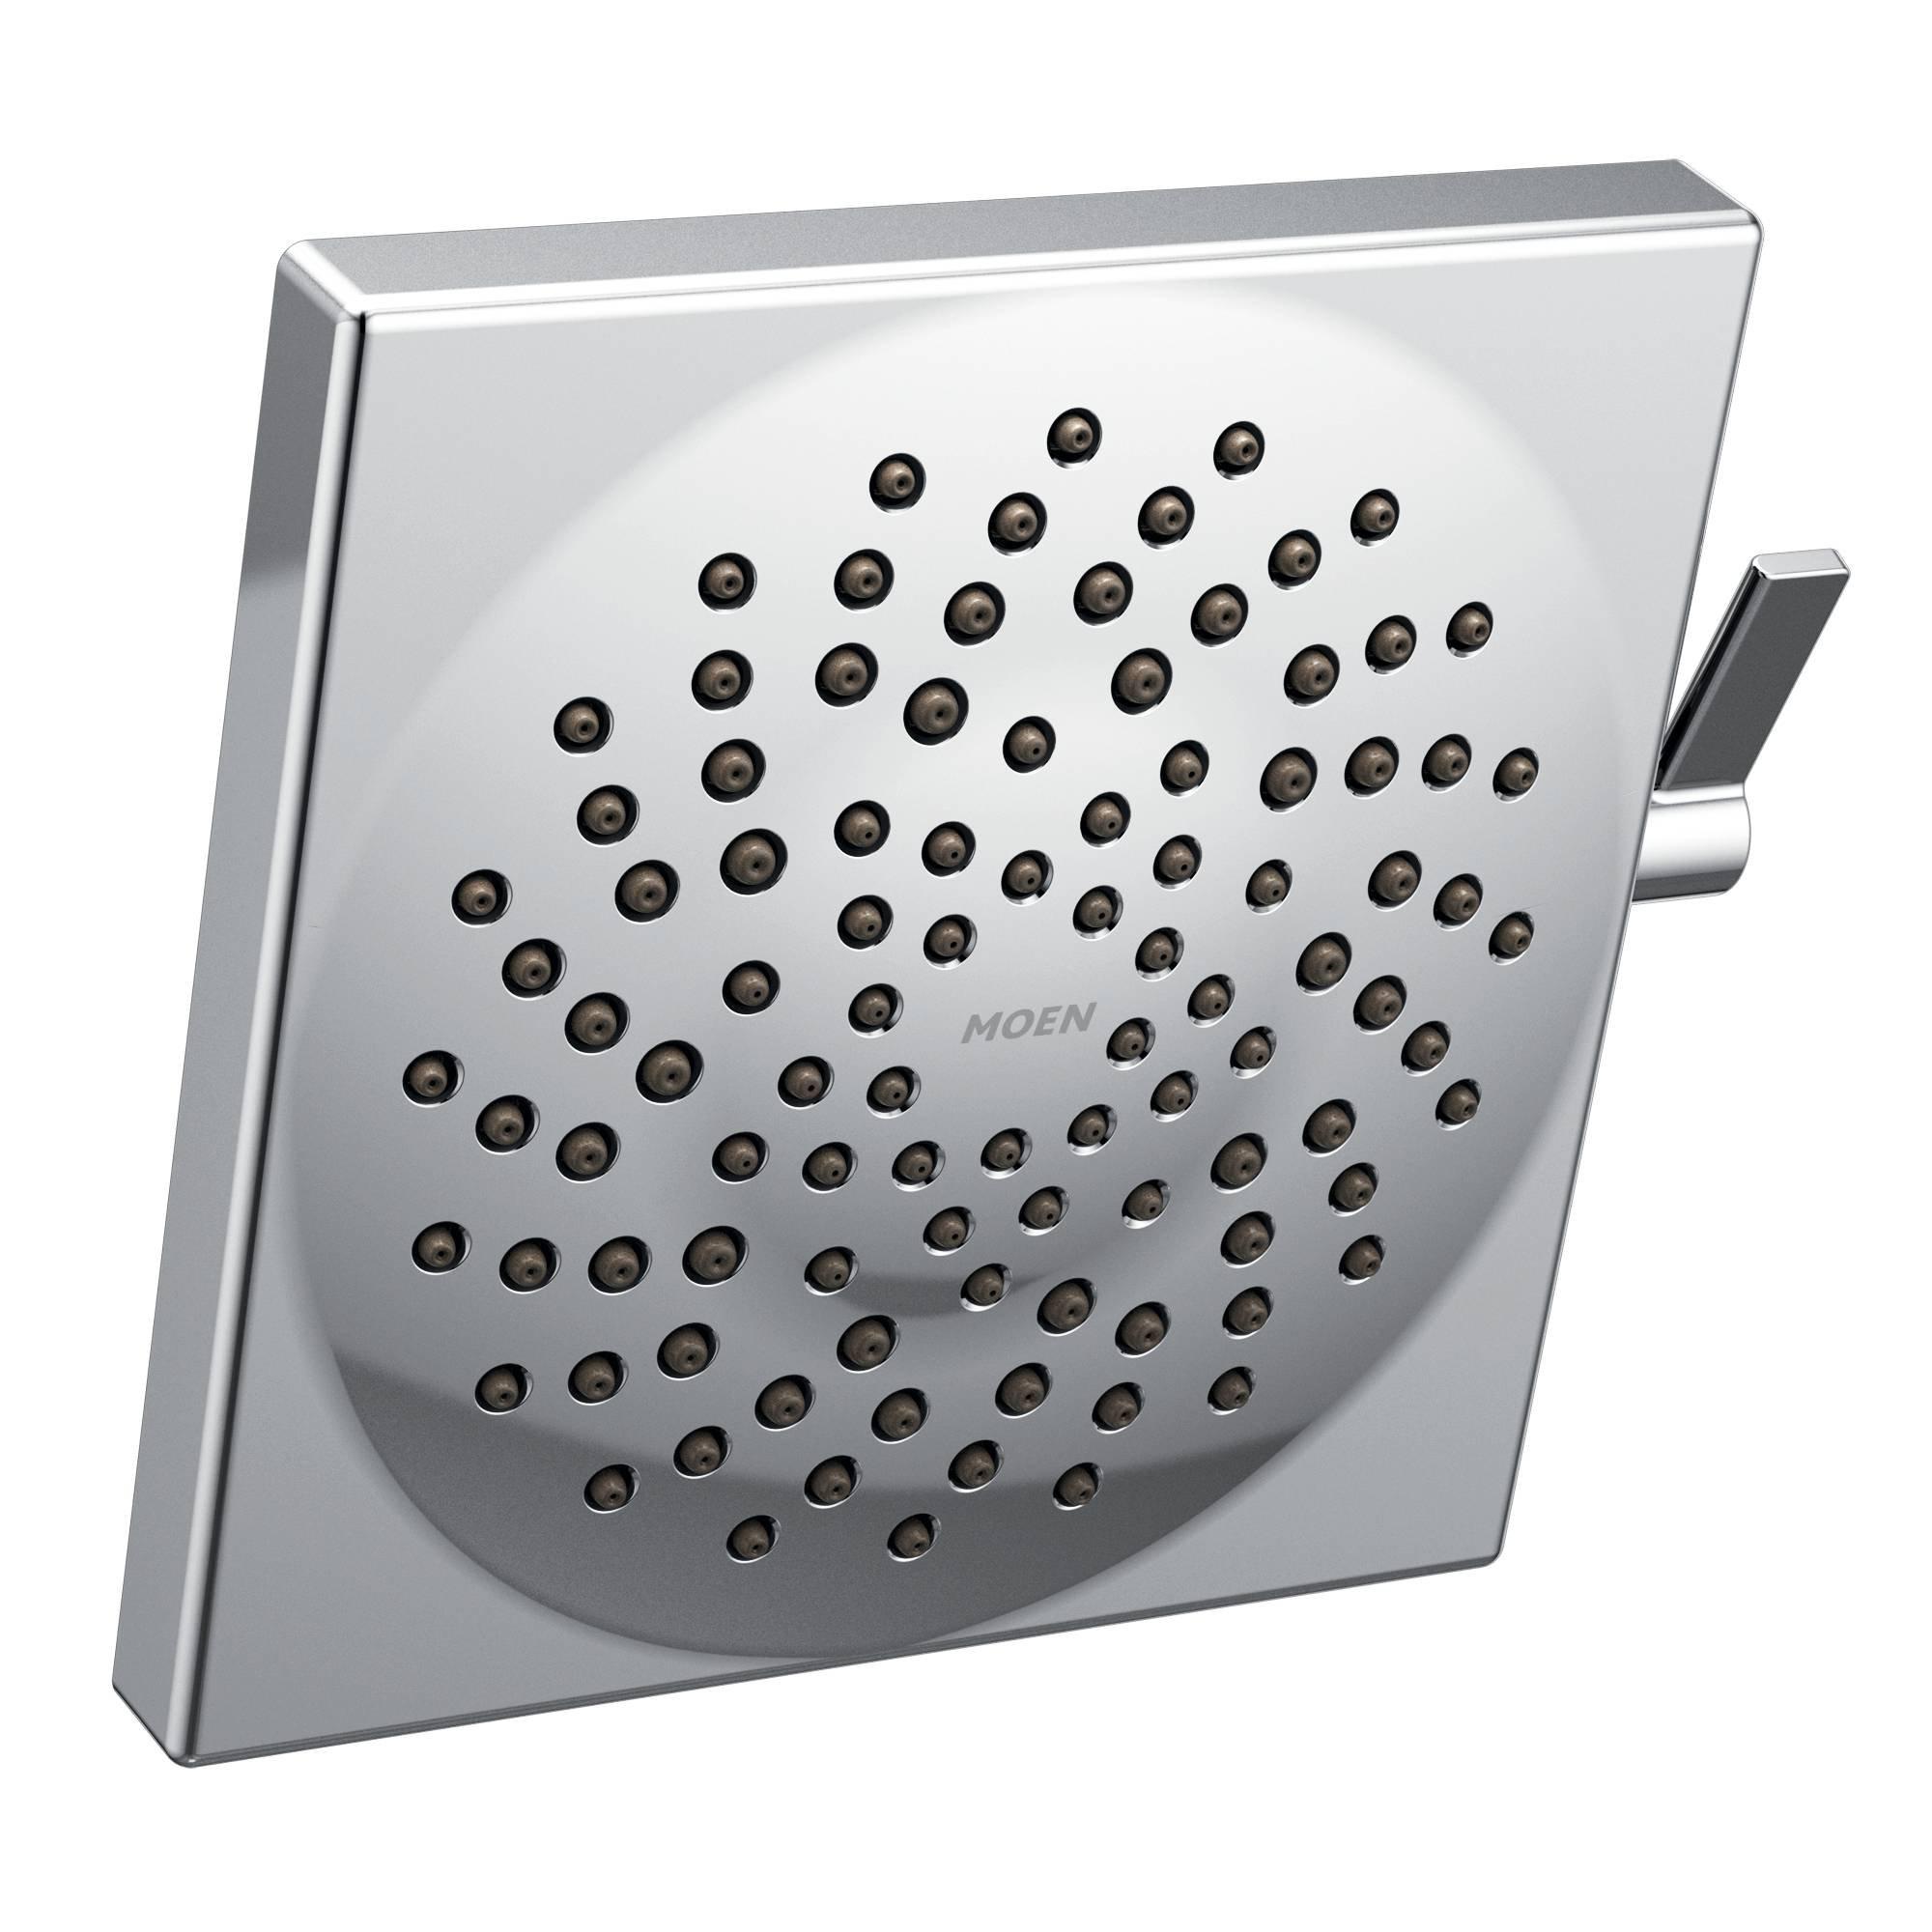 Moen S6345 Velocity Two-Function 8-1/2-Inch Diameter Spray Rainshower Showerhead, Chrome by Moen (Image #1)